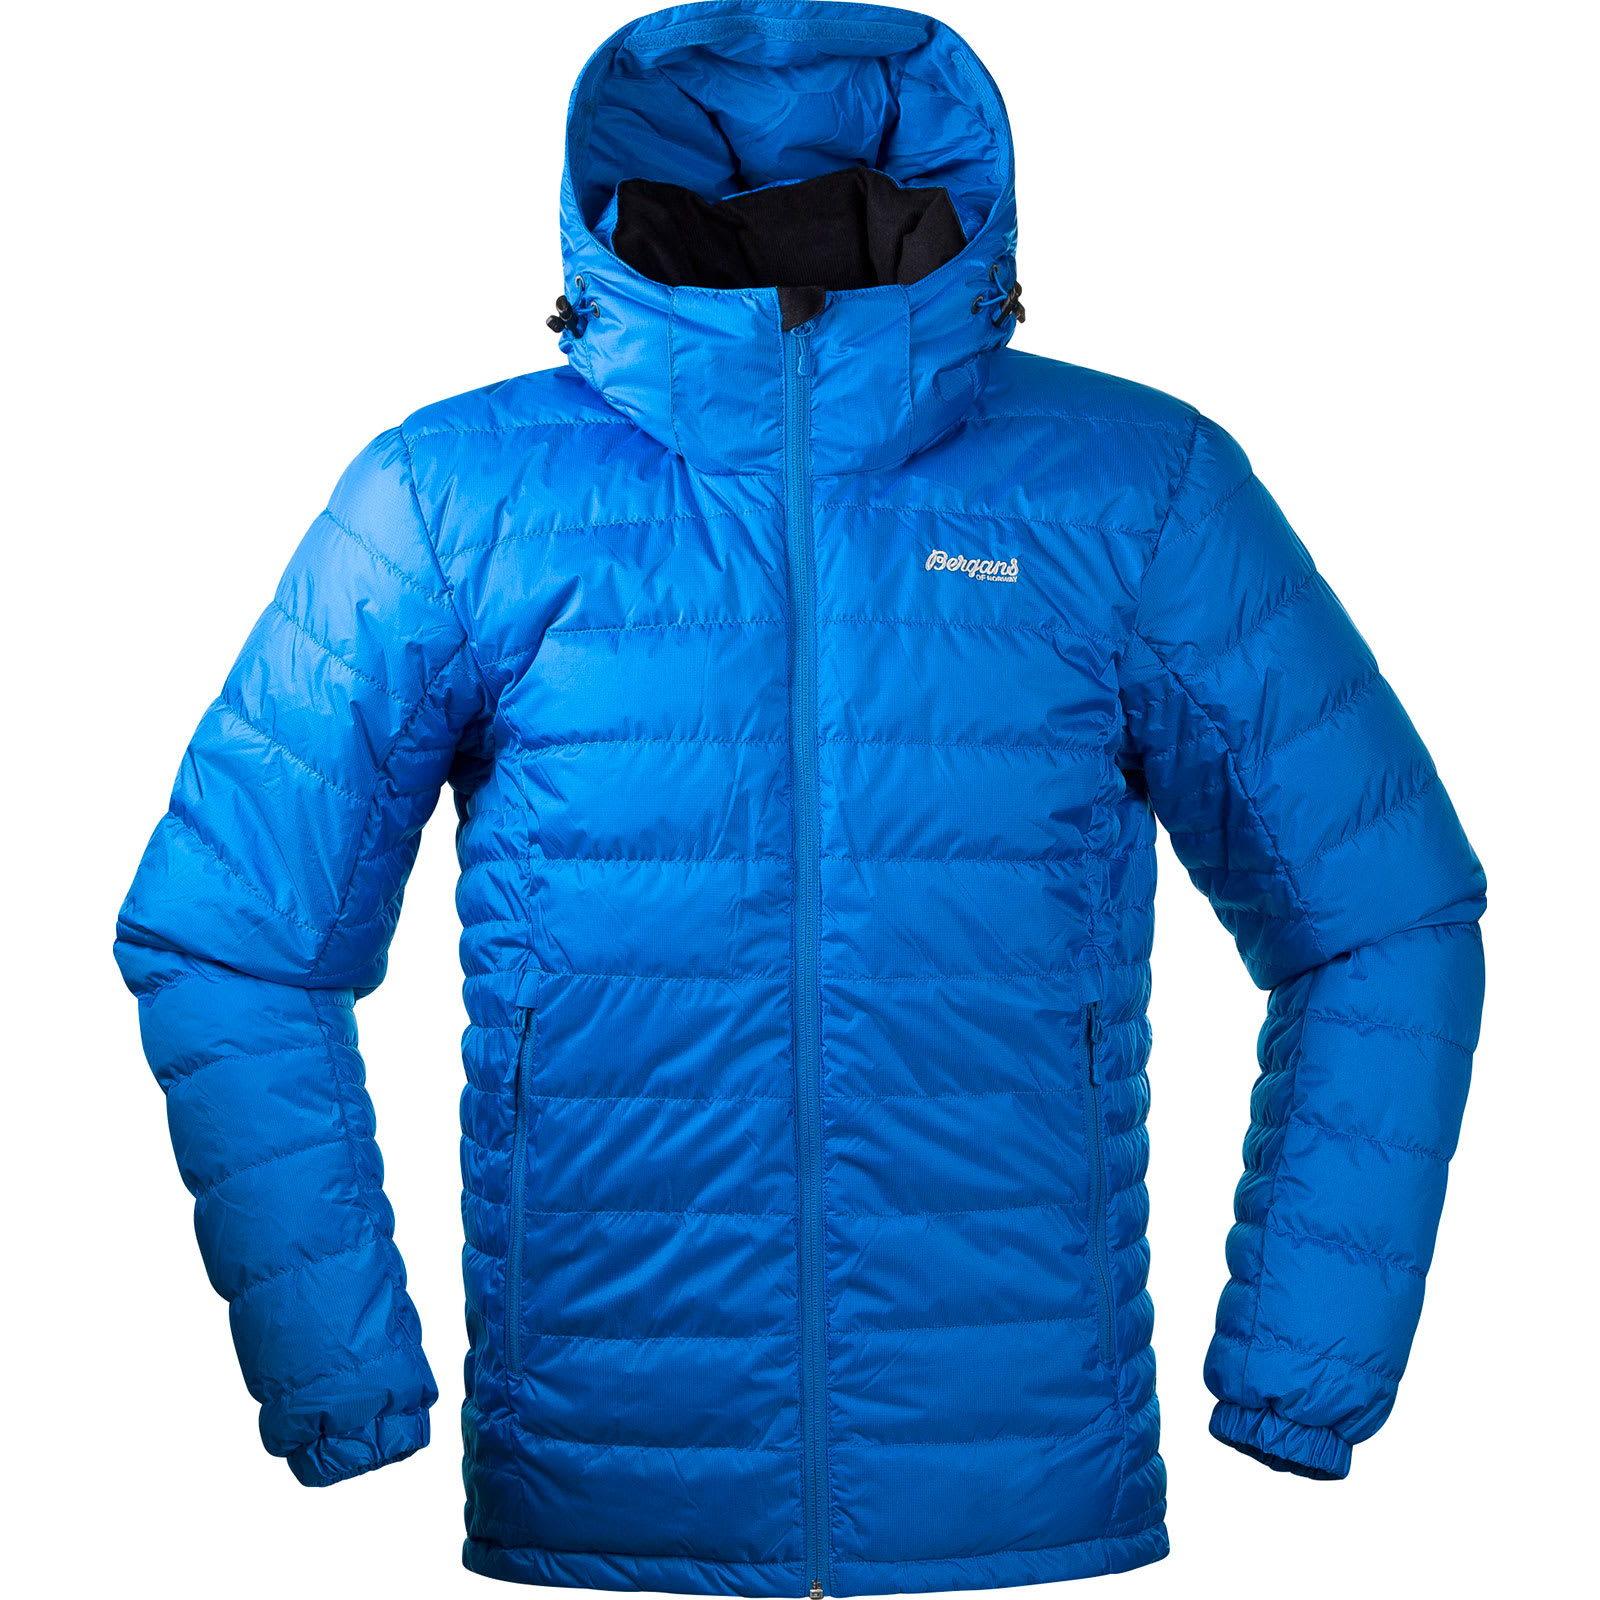 Kjøp Bergans Rjukan Down Jacket fra Outnorth